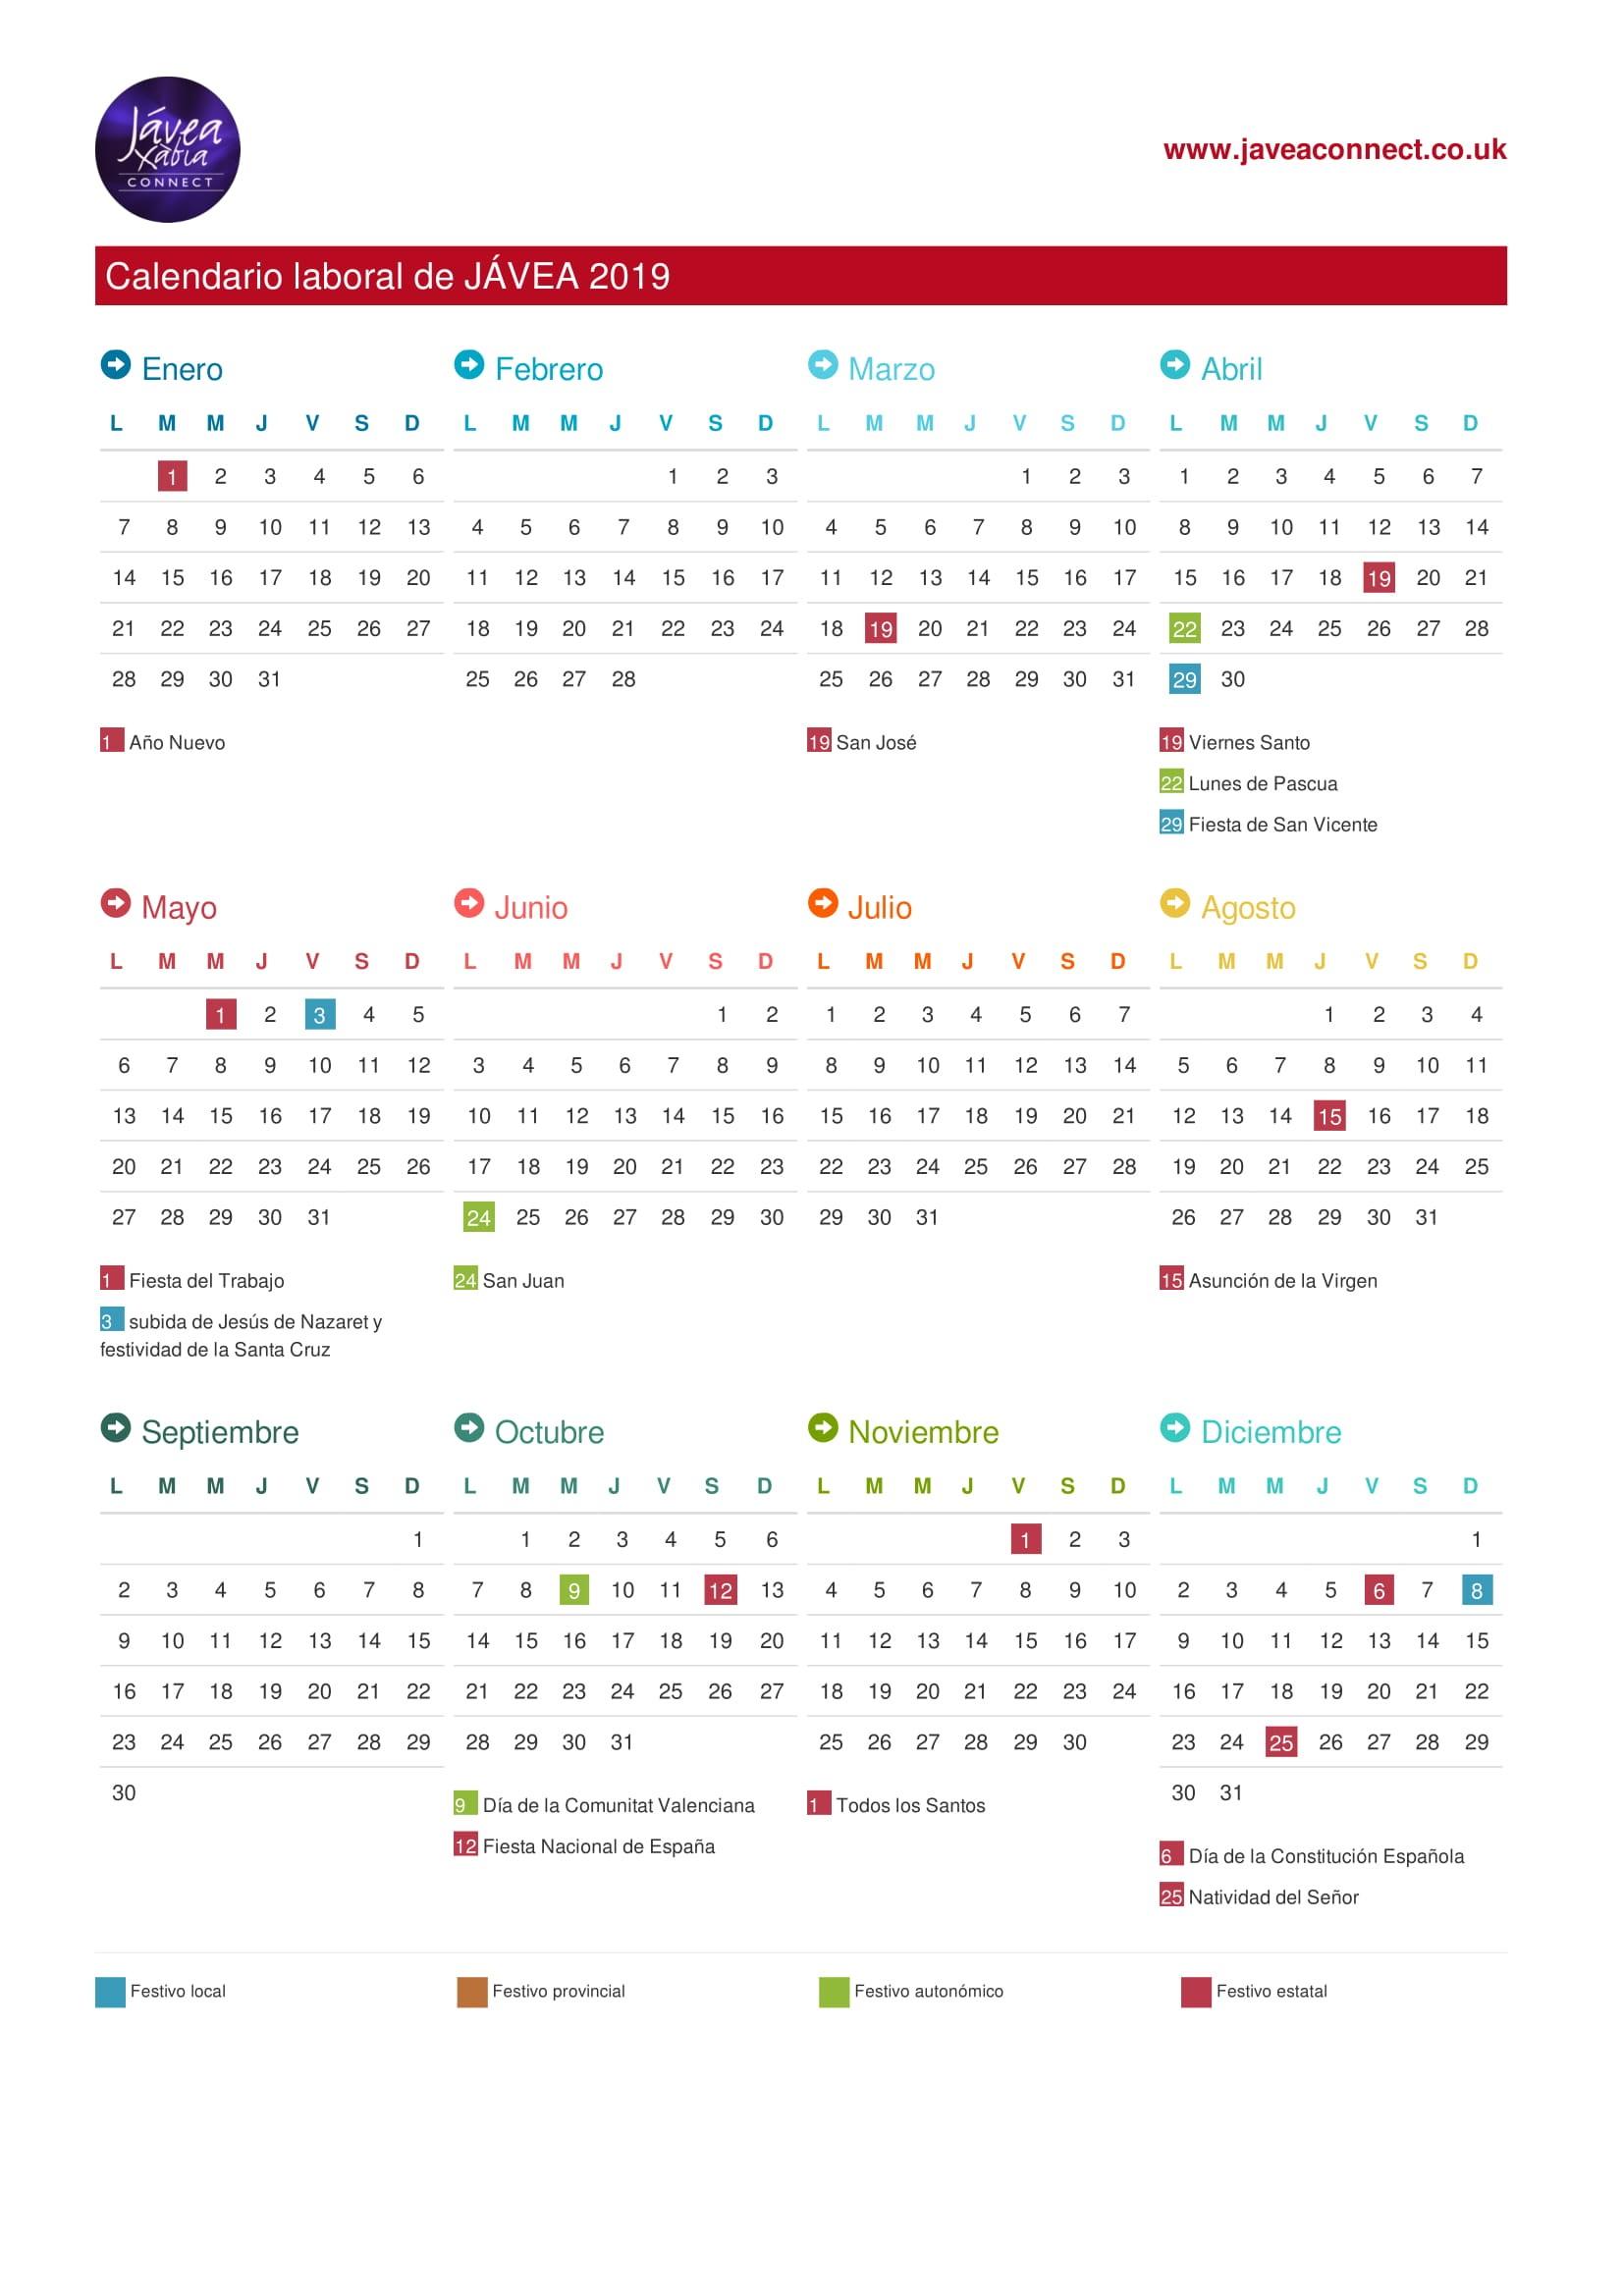 Calendario Laboral Javea 2020.Javea National Regional Local Holidays 2019 Javea Connect